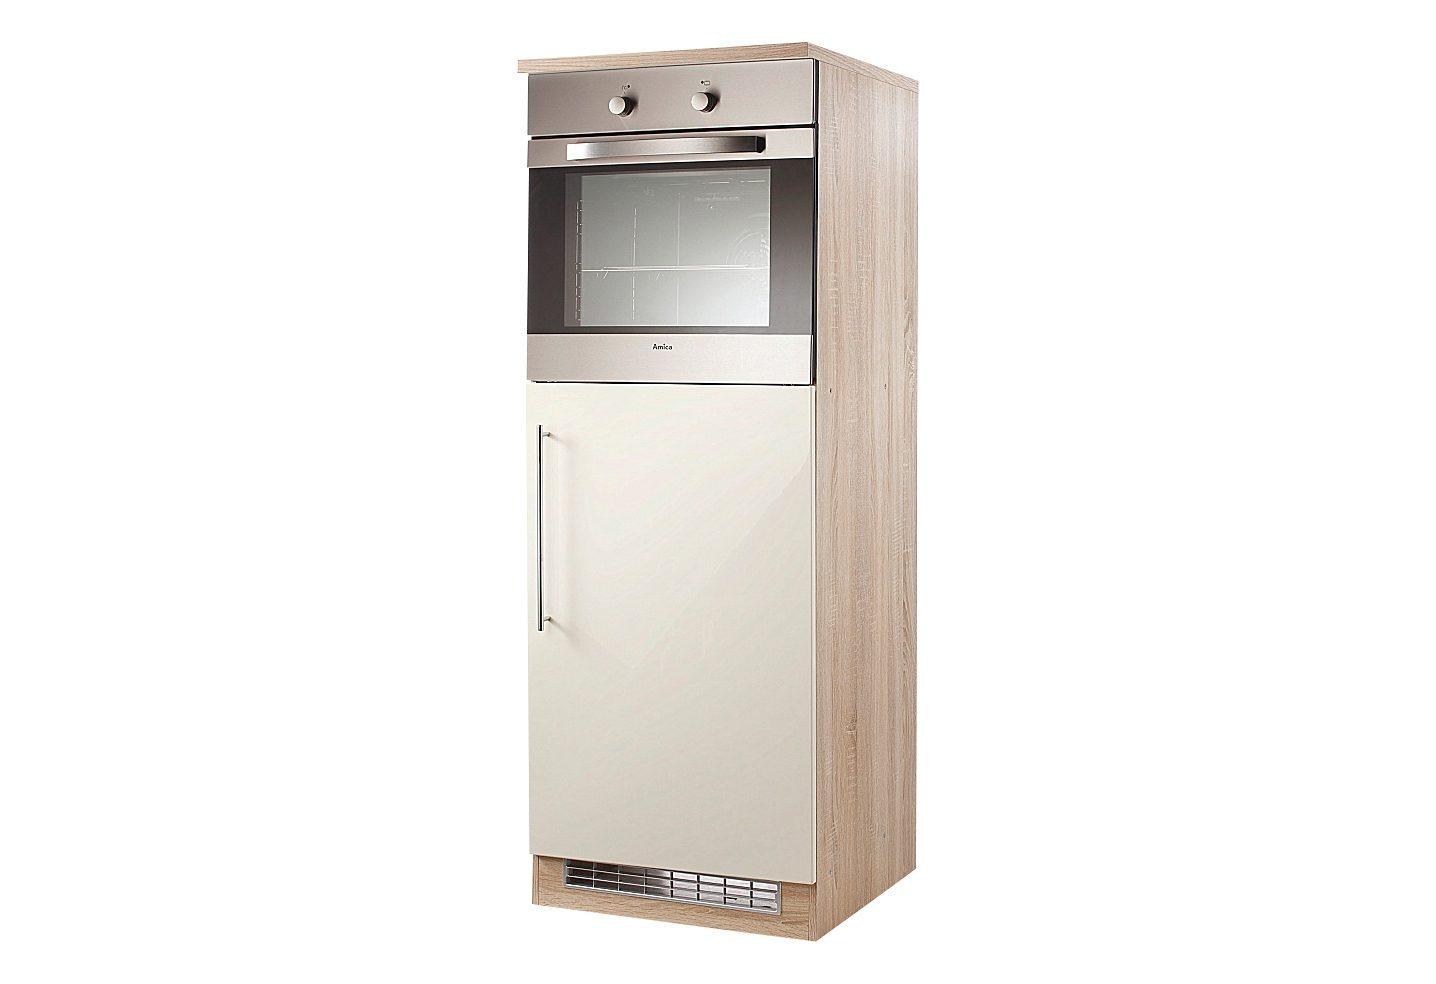 Kühlschrank Mit Aufbau : Küche kühlschrank neben herd ikea metod aufbau tipps um fehler zu